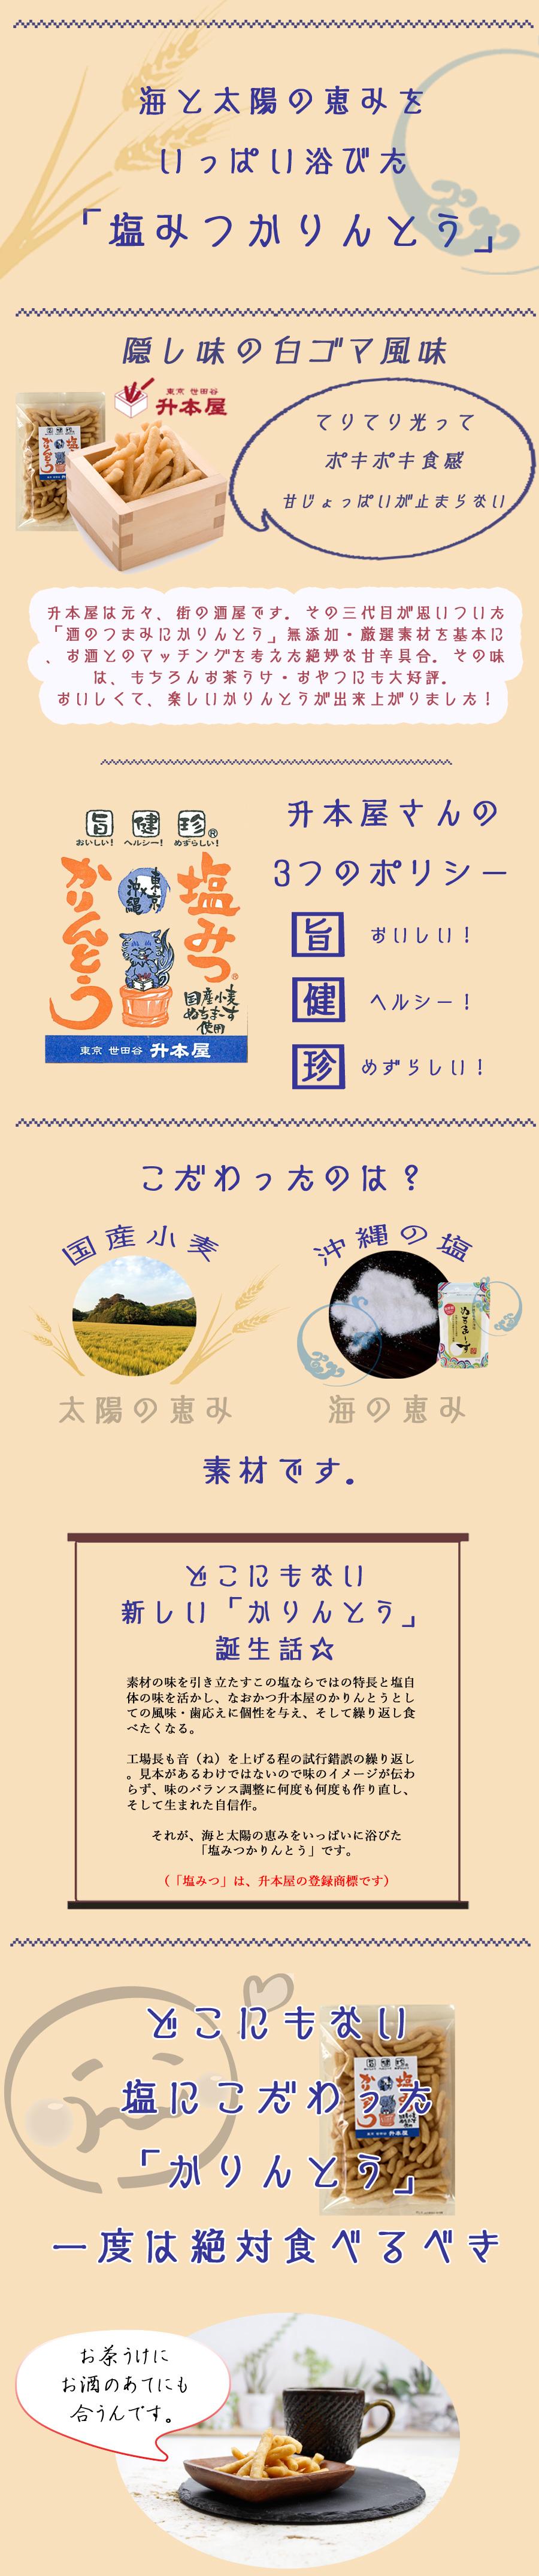 世田谷の美味いかりんとう、ぬちまーすを使った塩のおやつです。